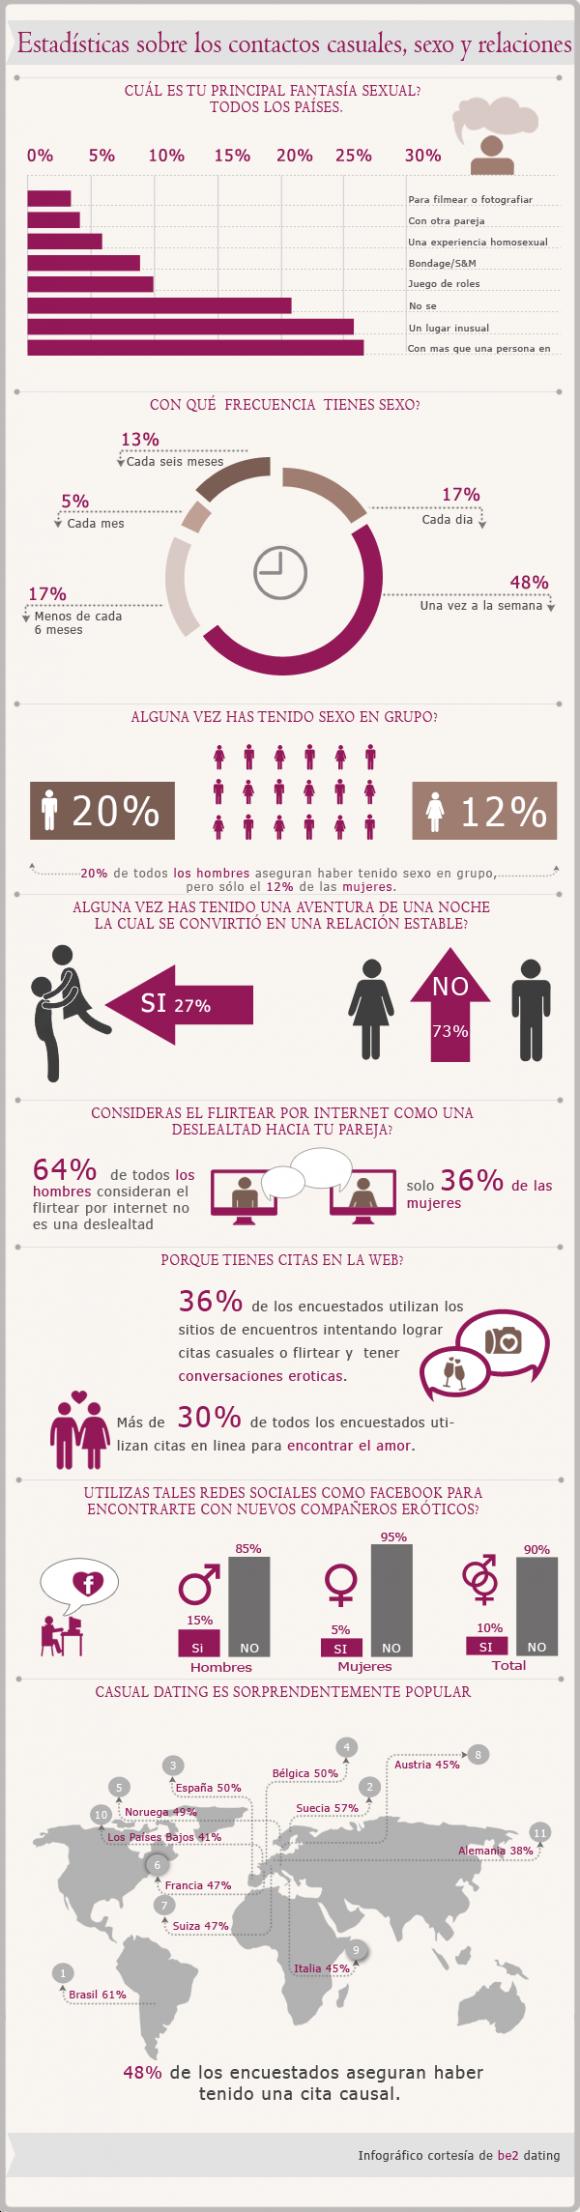 Citas Internet Espana 839403